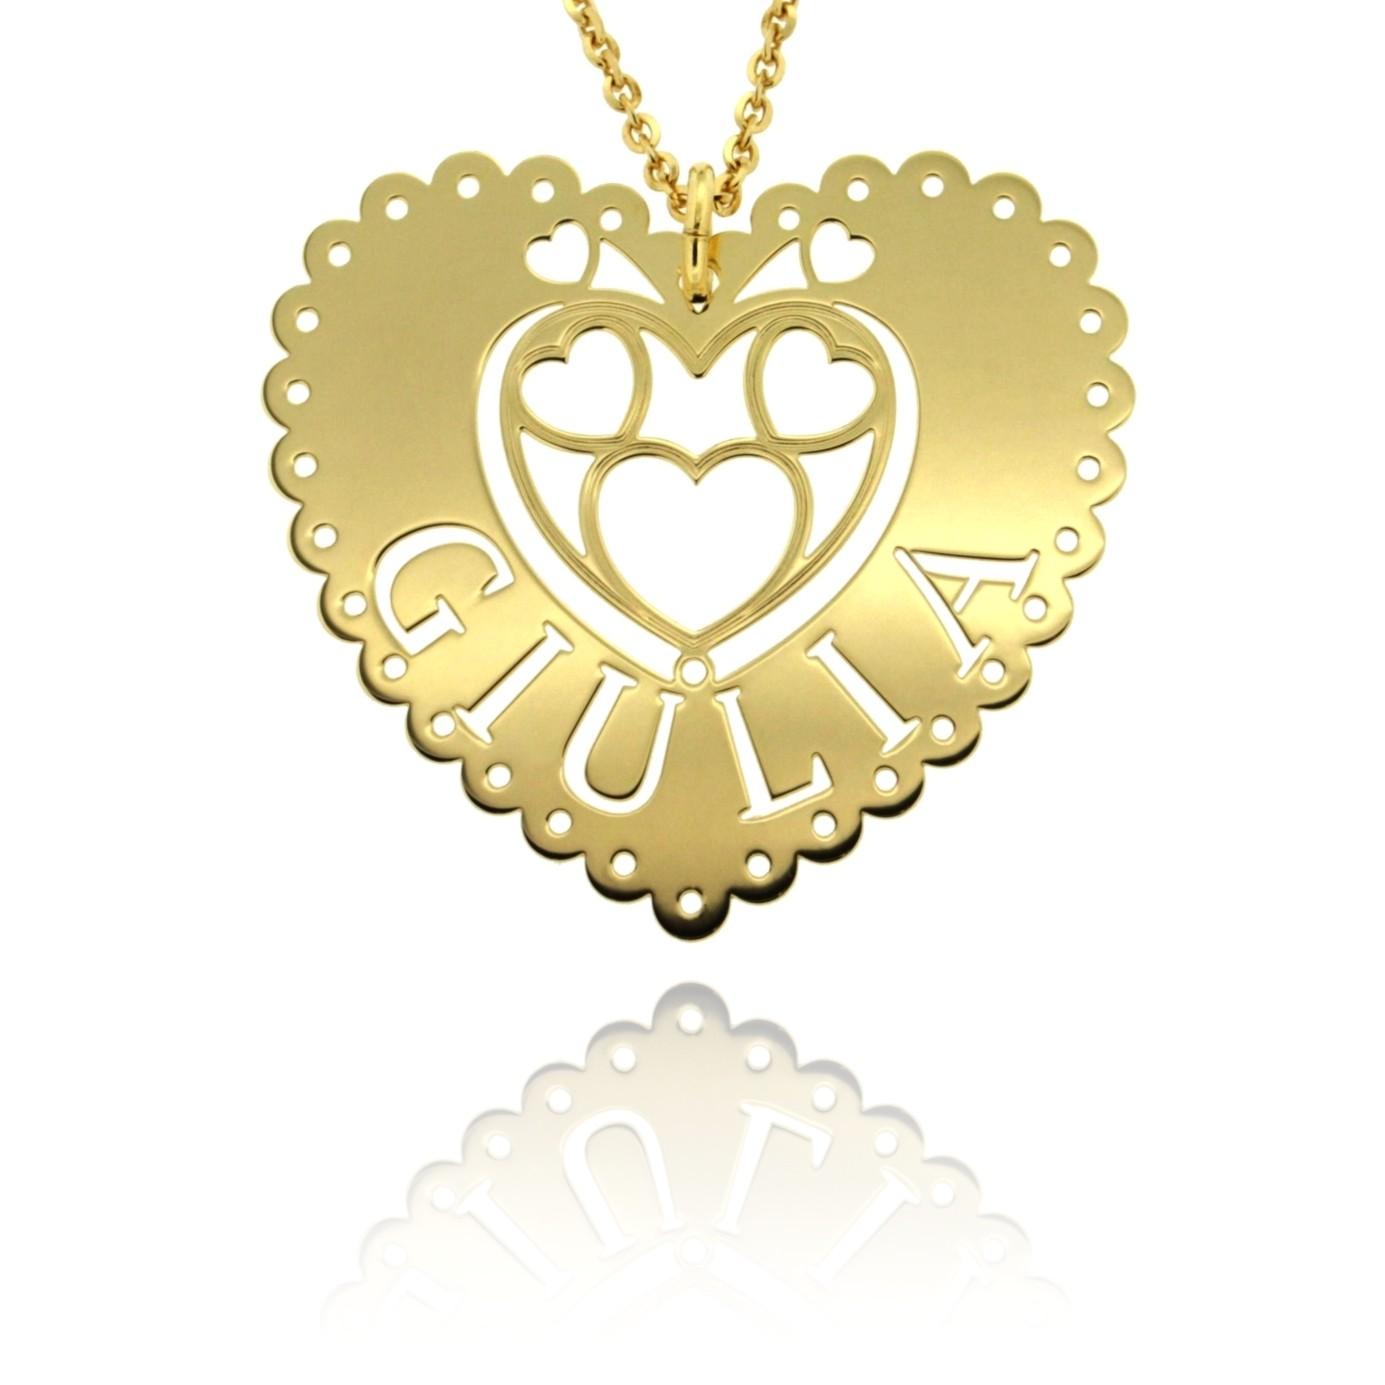 Queen of Hearts (collana gialla)